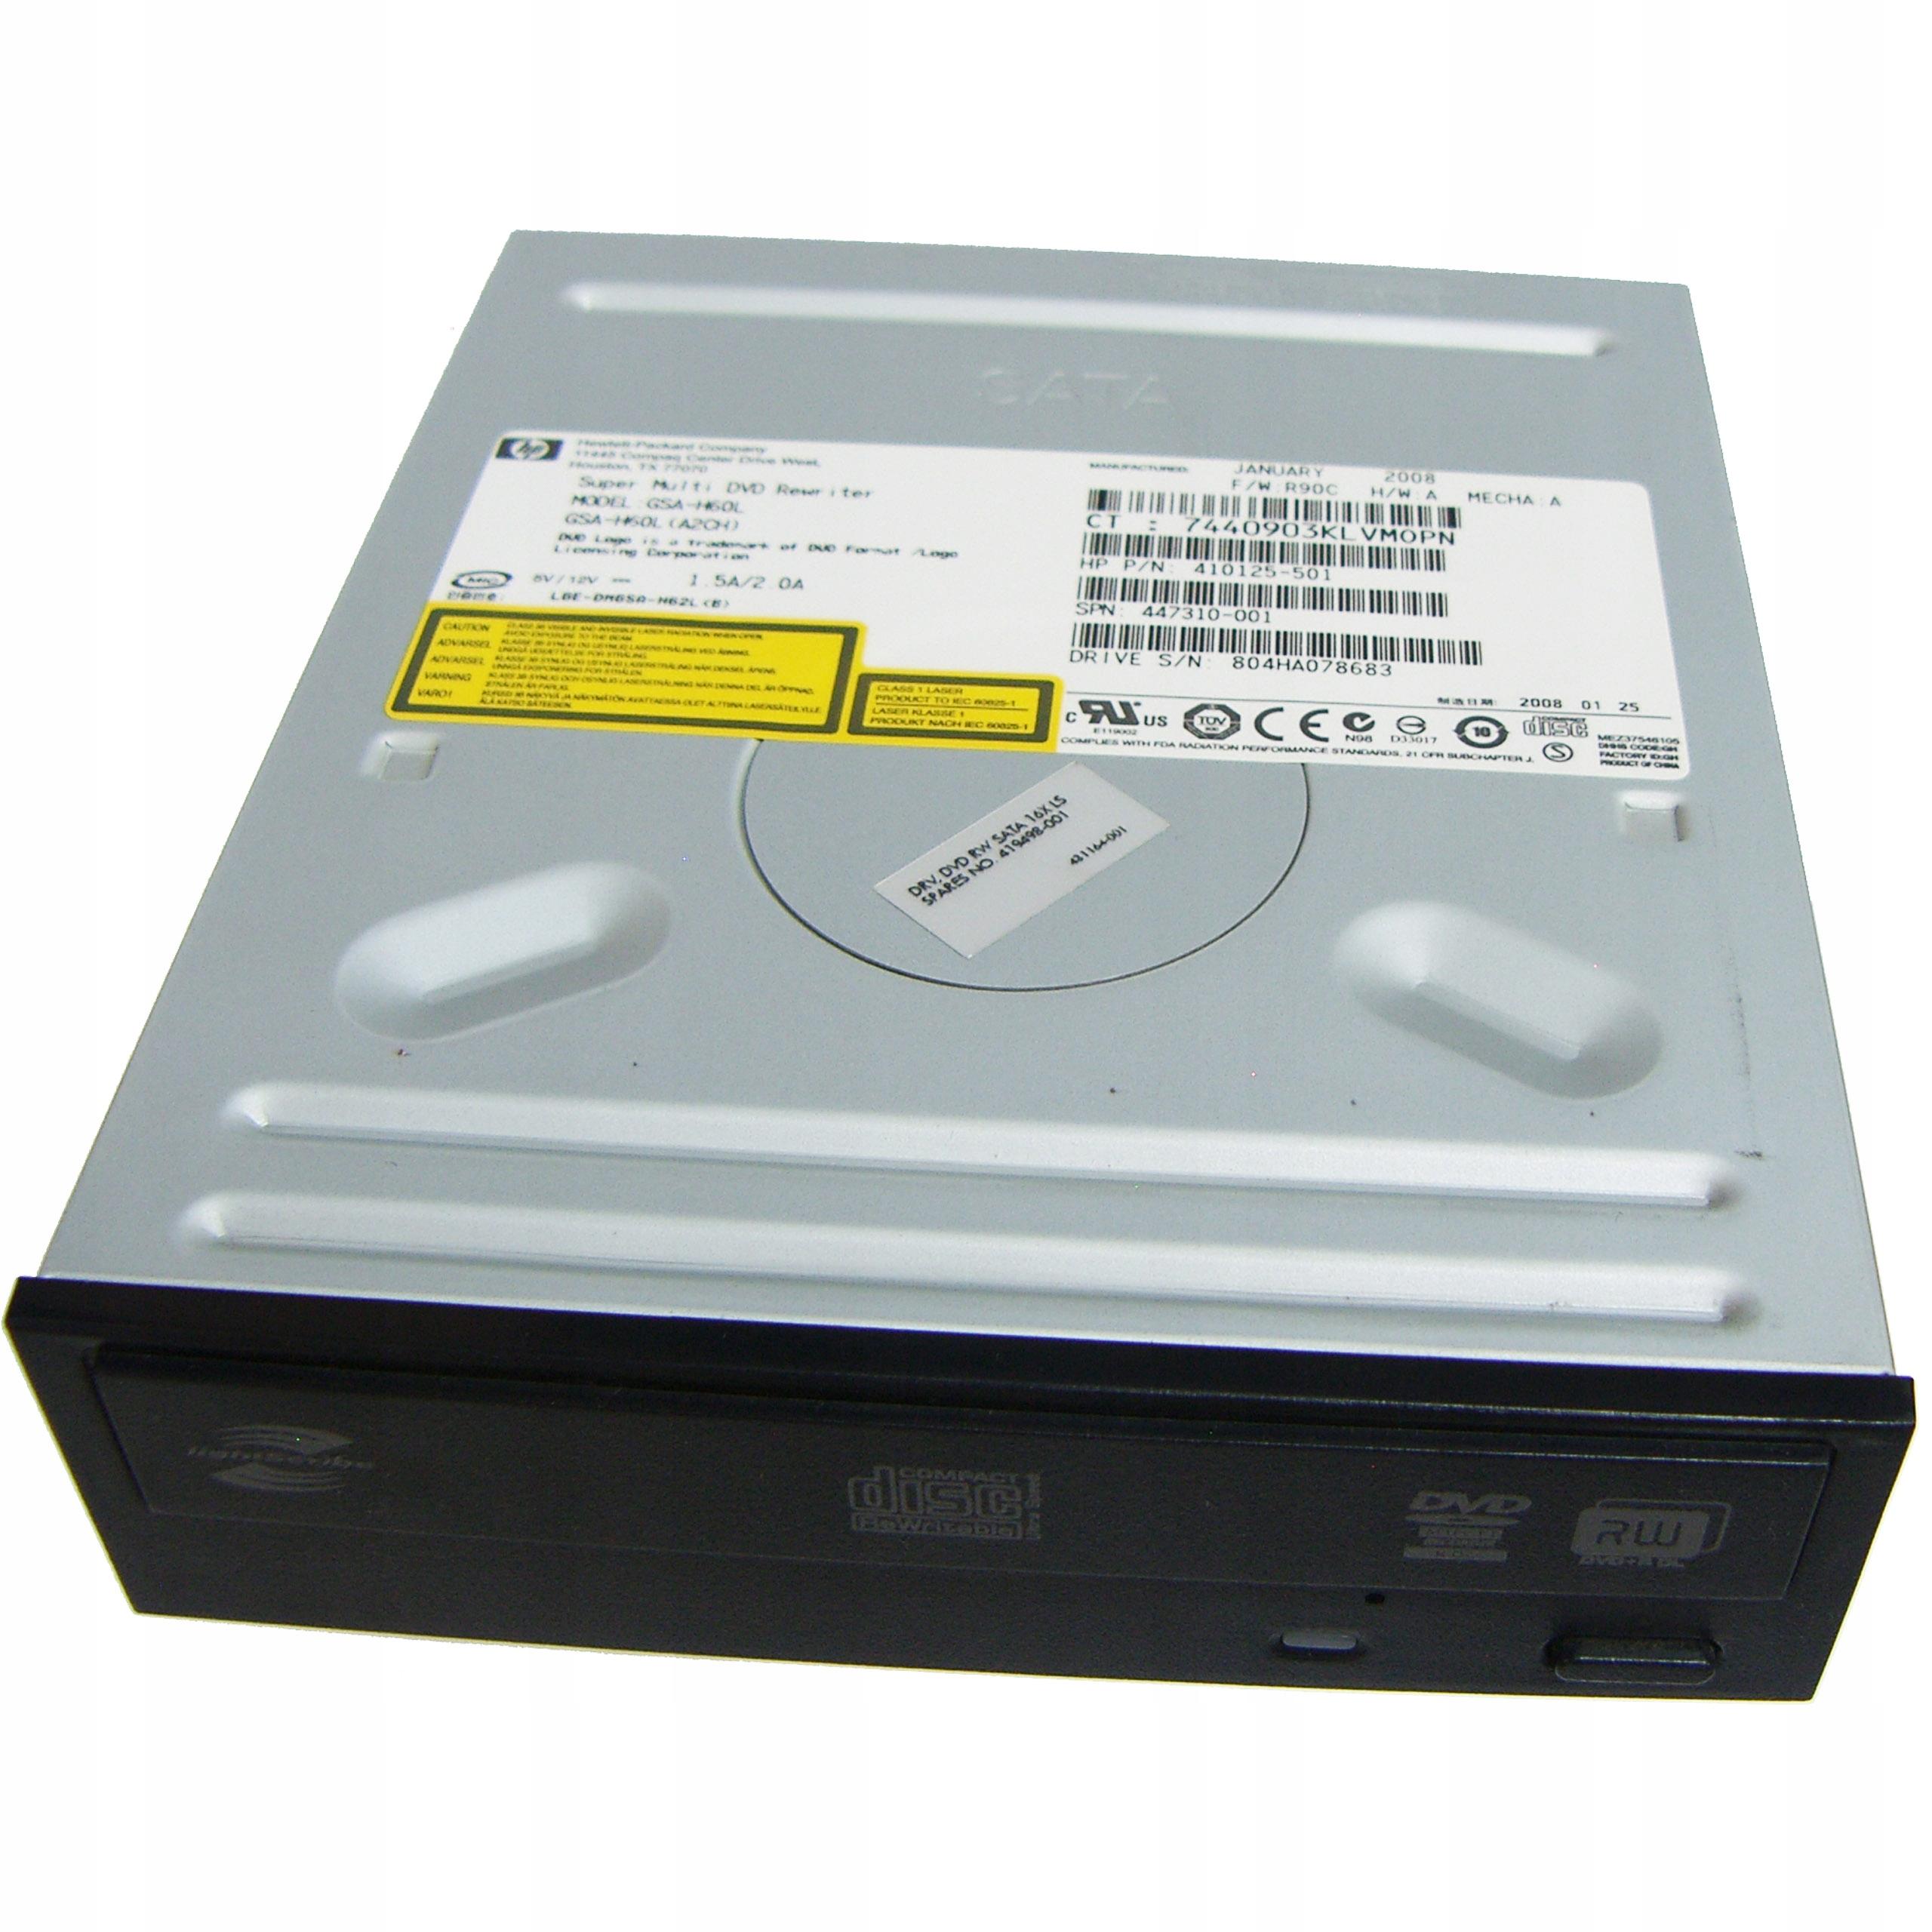 LG GSA H60L 64BIT DRIVER